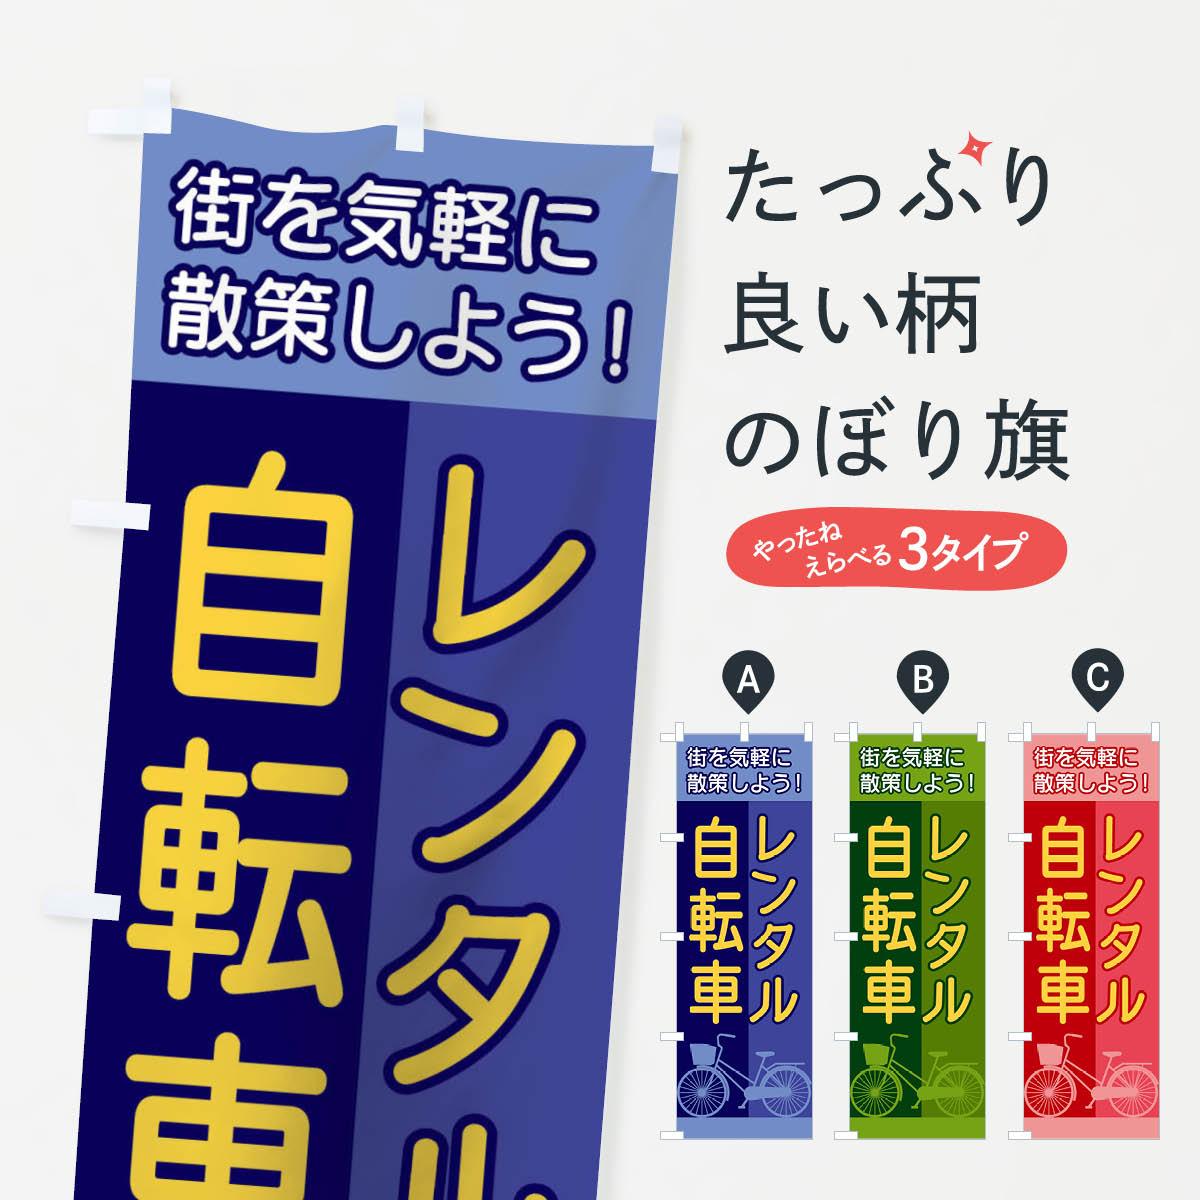 【3980送料無料】 のぼり旗 レンタル自転車のぼり サイクルショップ